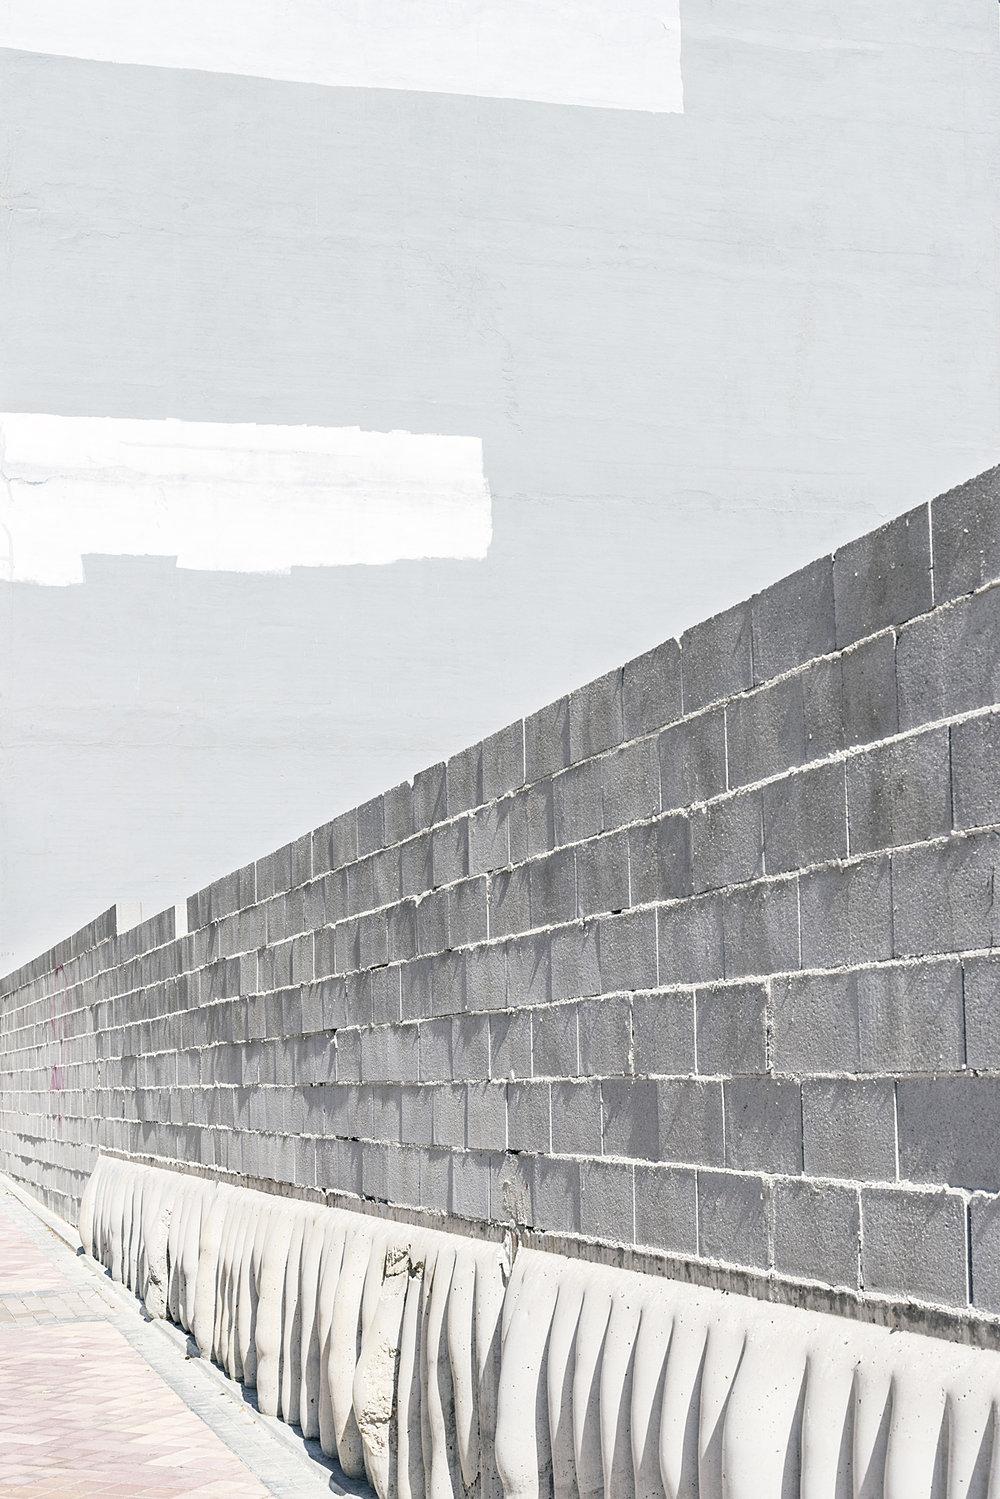 Fábio Cunha, do livro  Zona , 2017   AULA ABERTA: FÁBIO CUNHA E MARIANA VELOSO    20 Fev 2018 / 19h30   WORKSHOP: FOTOLIVRO — LIVROFOTO  3 Mar — 13 Mar 2018  Atelier de Lisboa